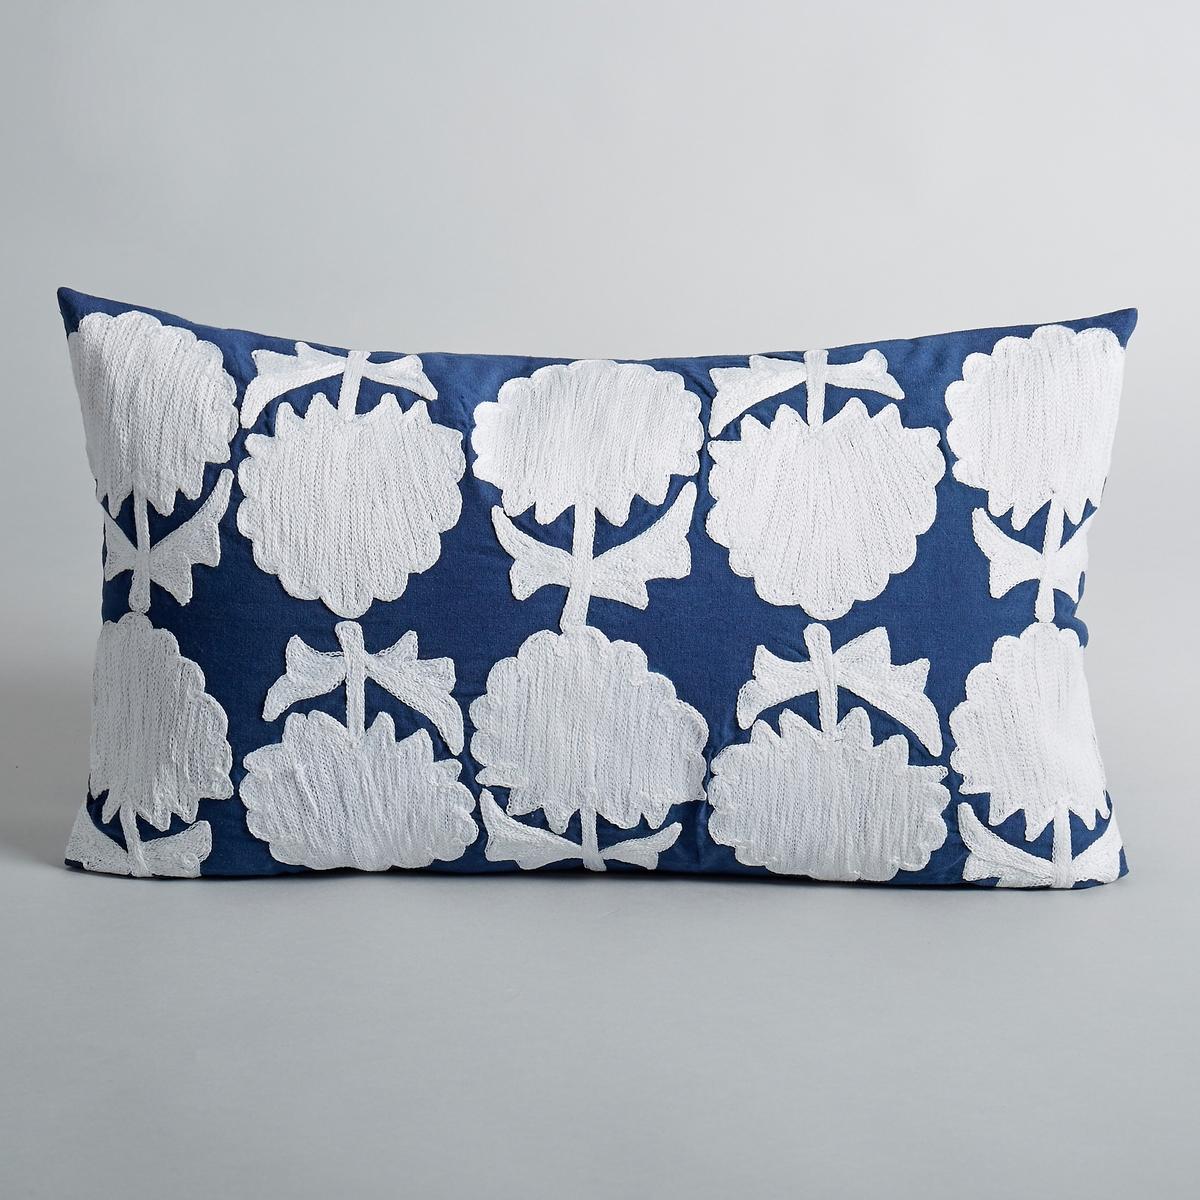 Чехол для подушки Edr?aЧехол для подушки  Edr?a. Цветочная вышивка создает атмосферу 70-х.Материал :- 100% хлопок- Вышивка с цветочными мотивами 100% акрилРазмеры : - 50 x 30 см.<br><br>Цвет: синий/ белый<br>Размер: 50 x 30 см